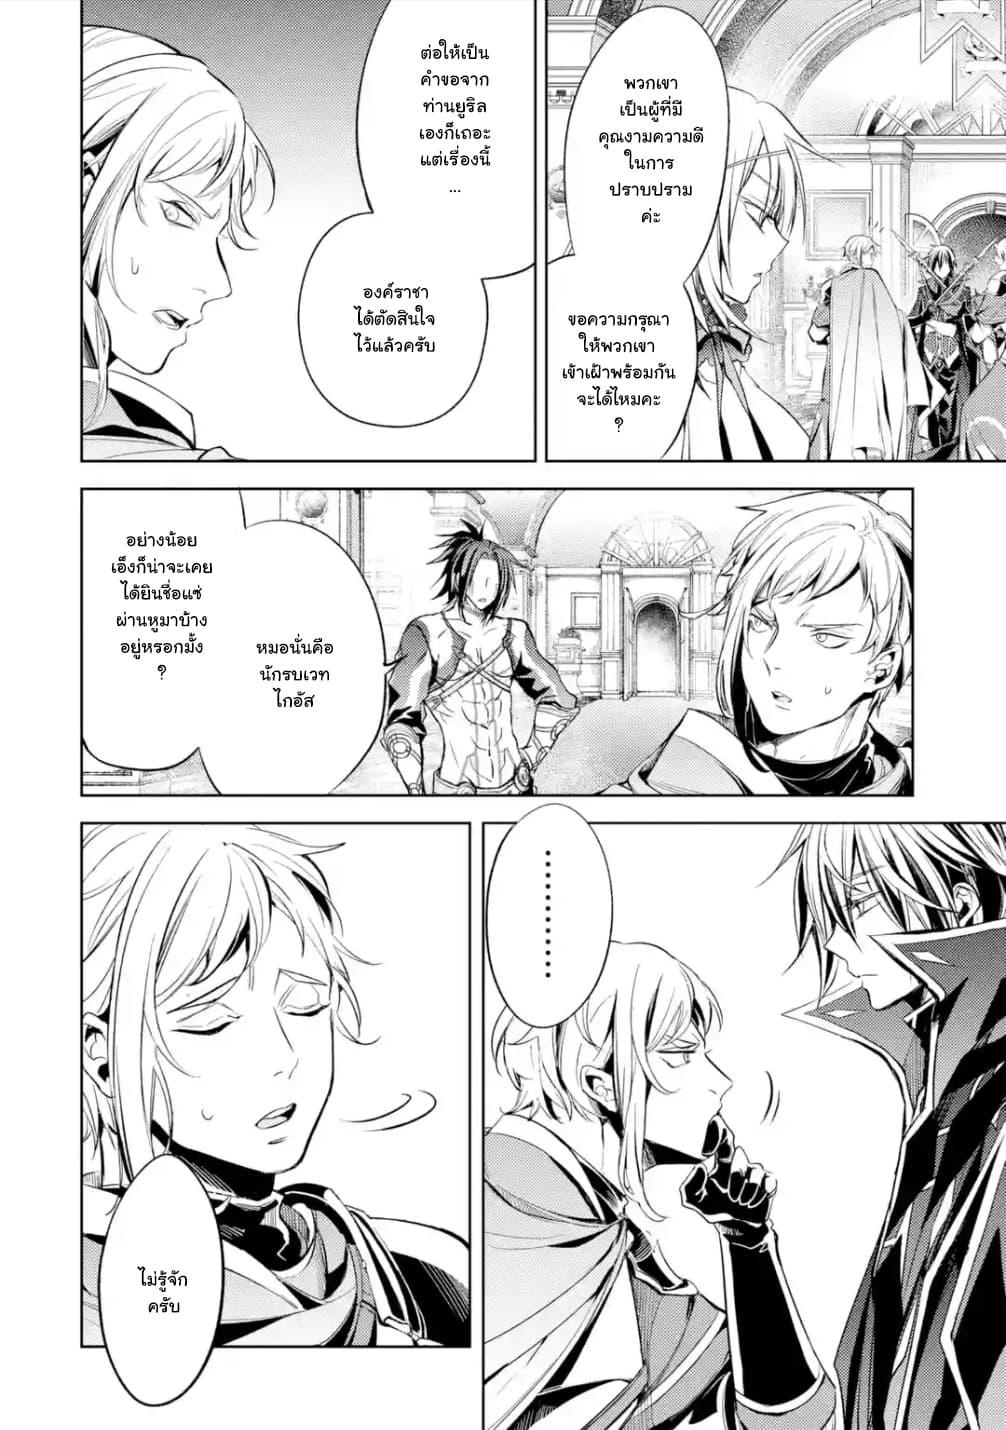 อ่านการ์ตูน Senmetsumadou no Saikyokenja ตอนที่ 4.4 หน้าที่ 11